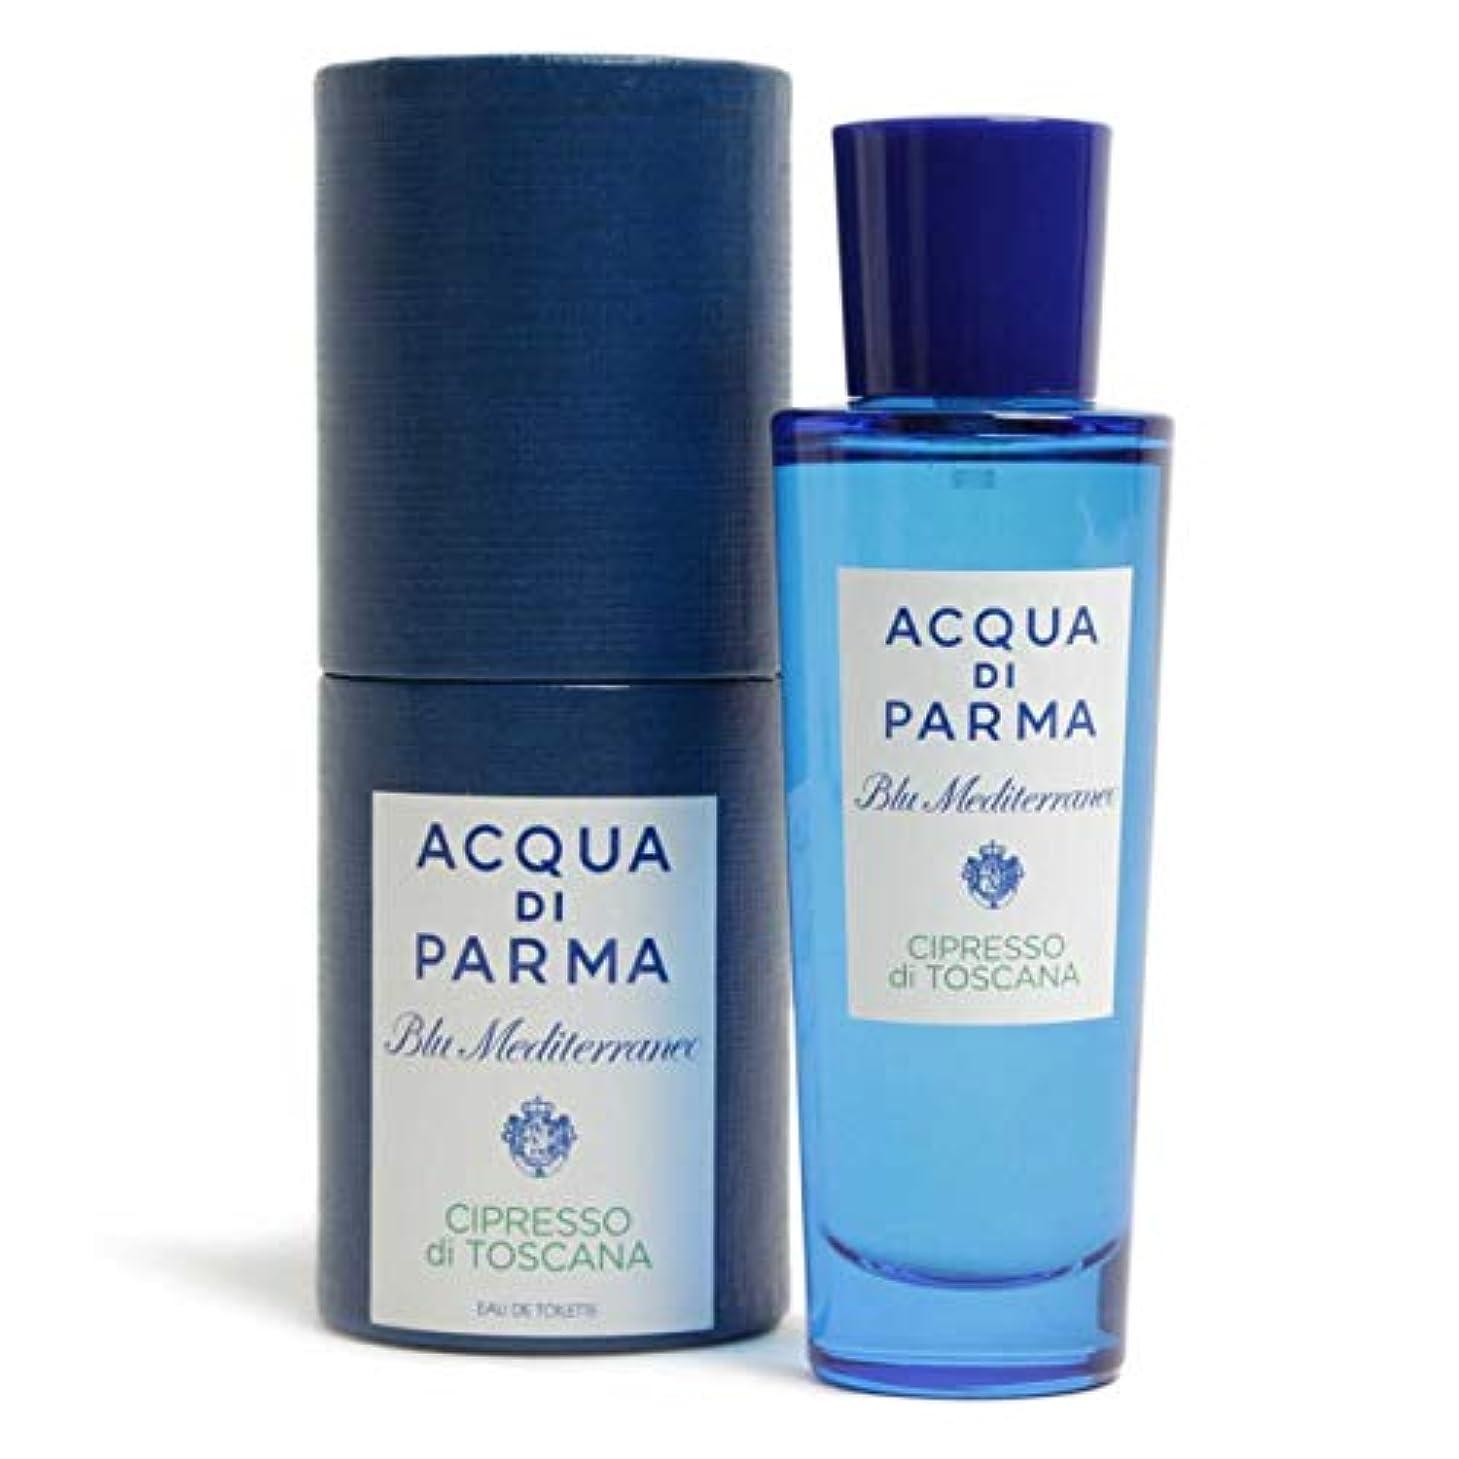 余暇標高サンドイッチACQUA di PARMA アクアディパルマ チプレッソ 香水 フレグランス